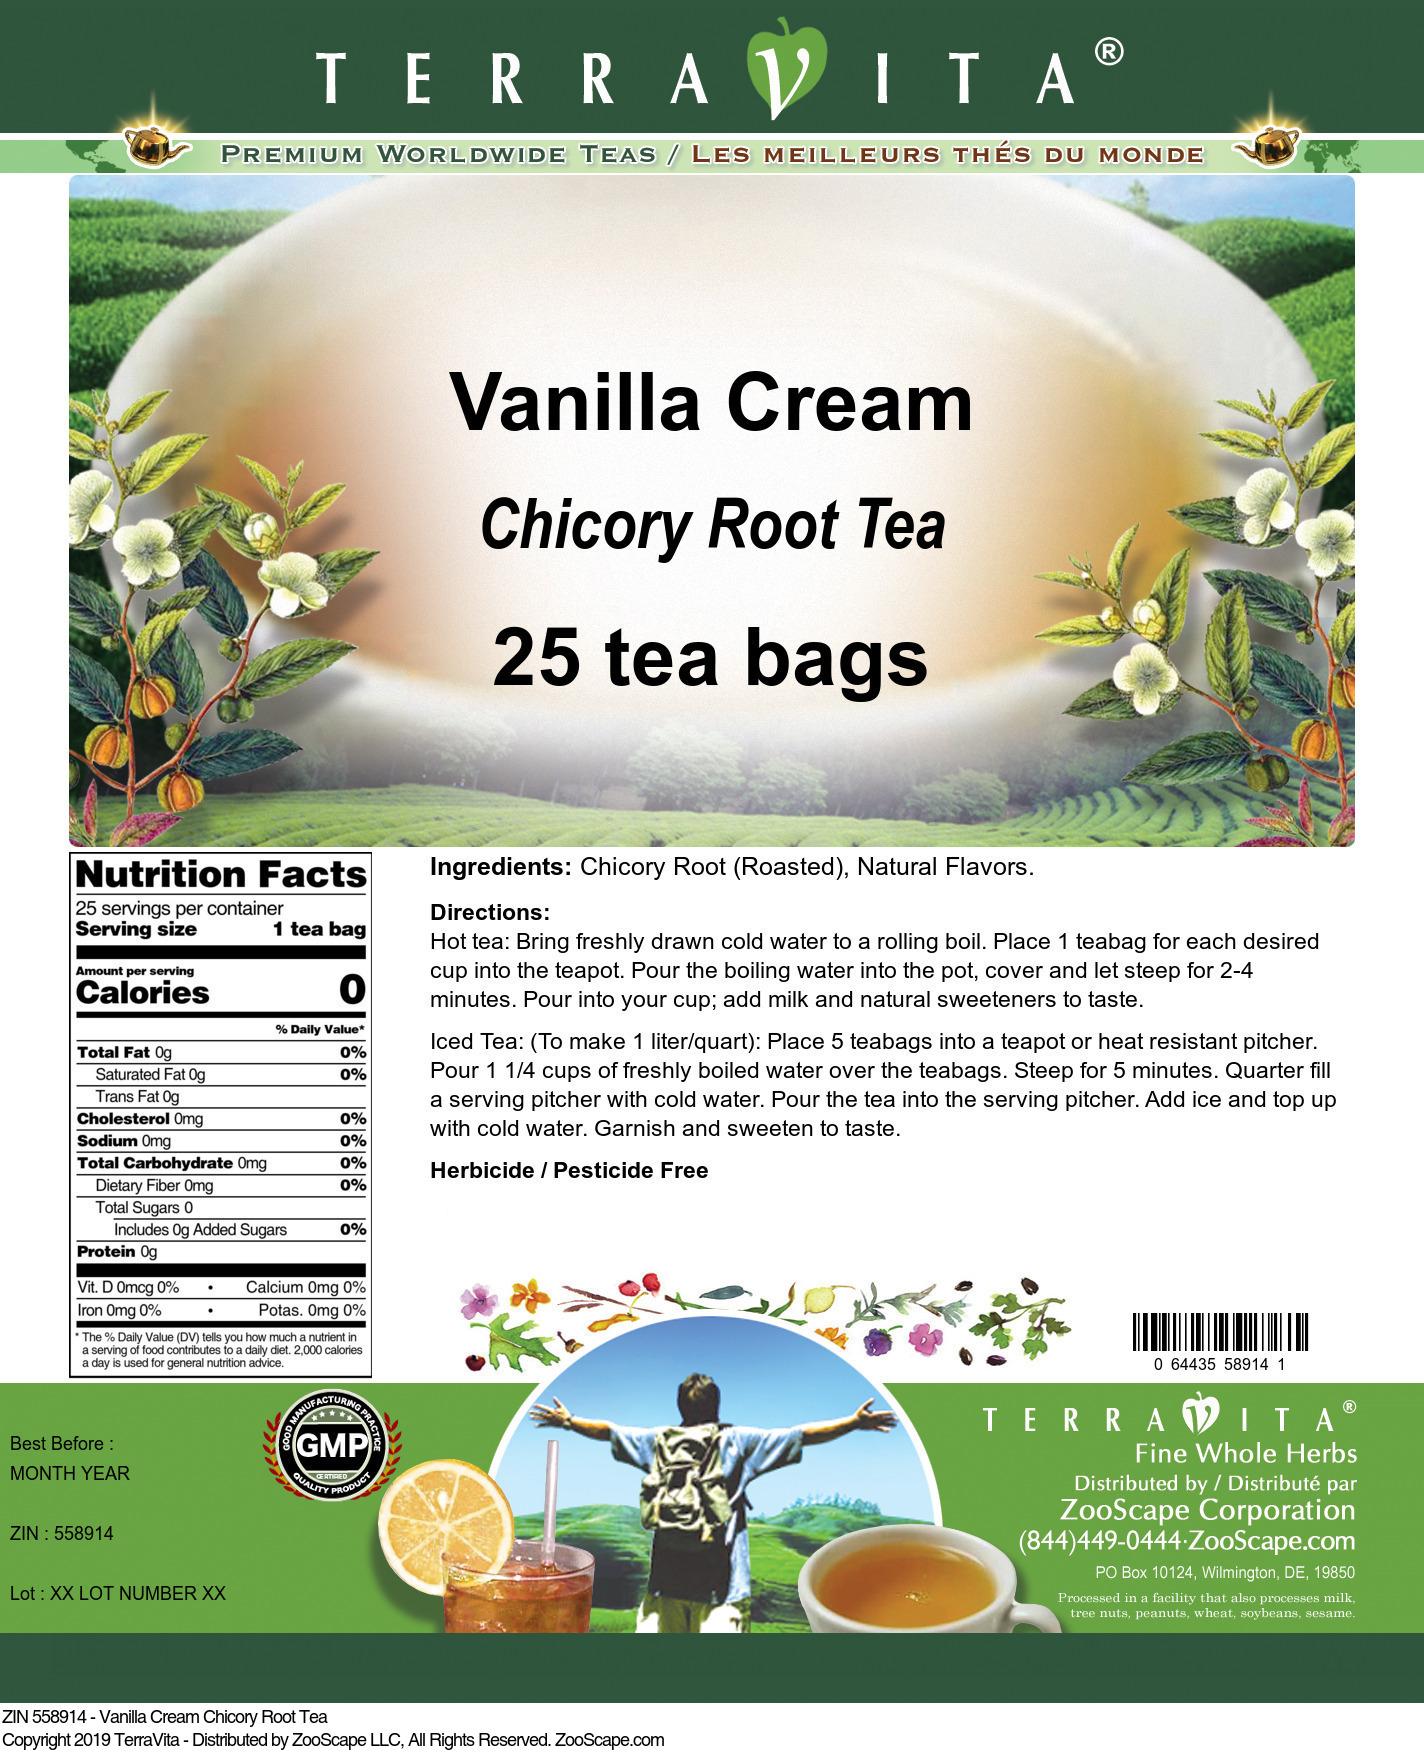 Vanilla Cream Chicory Root Tea